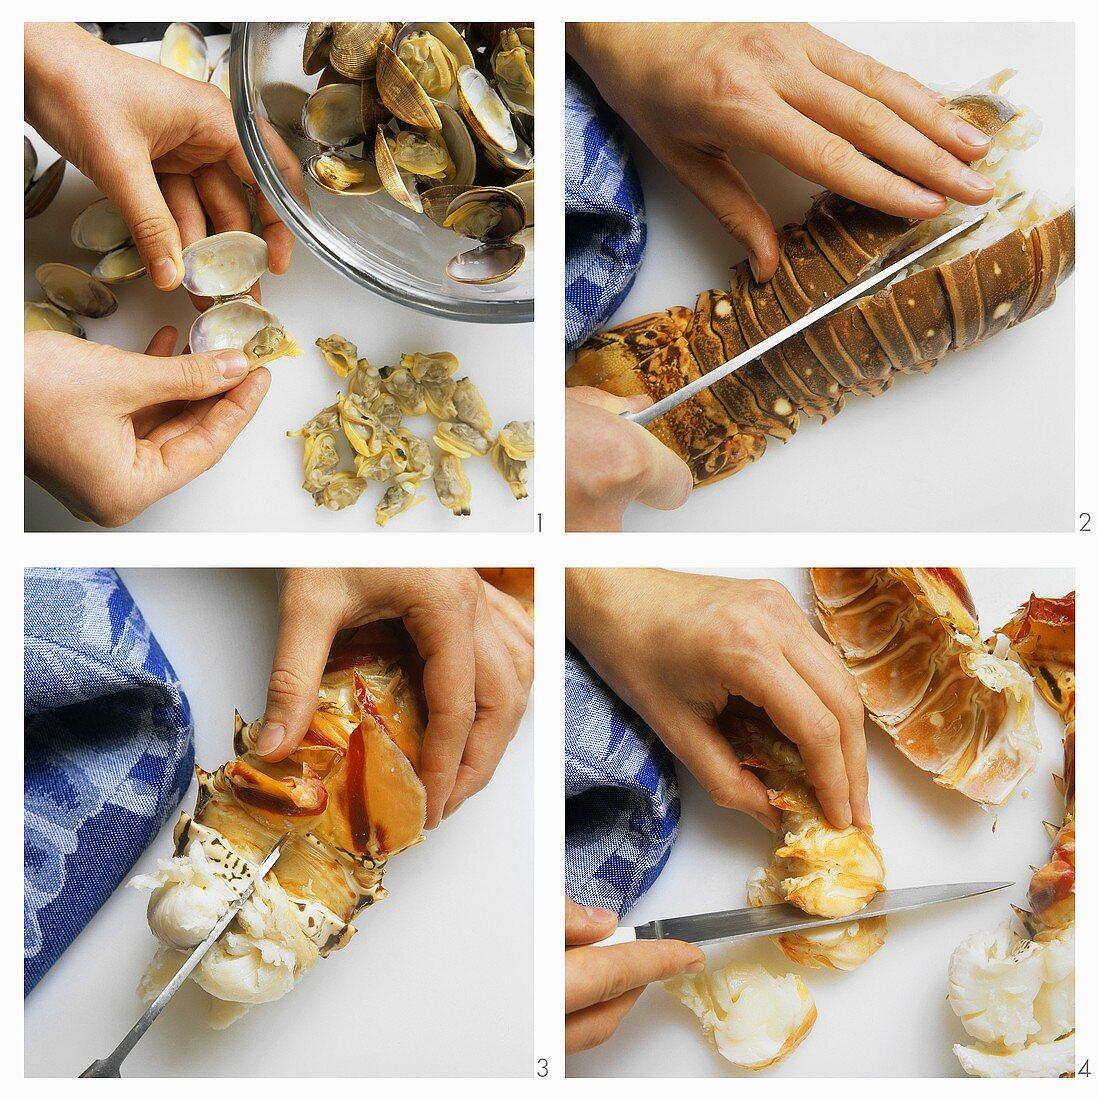 Making seafood salad on ice